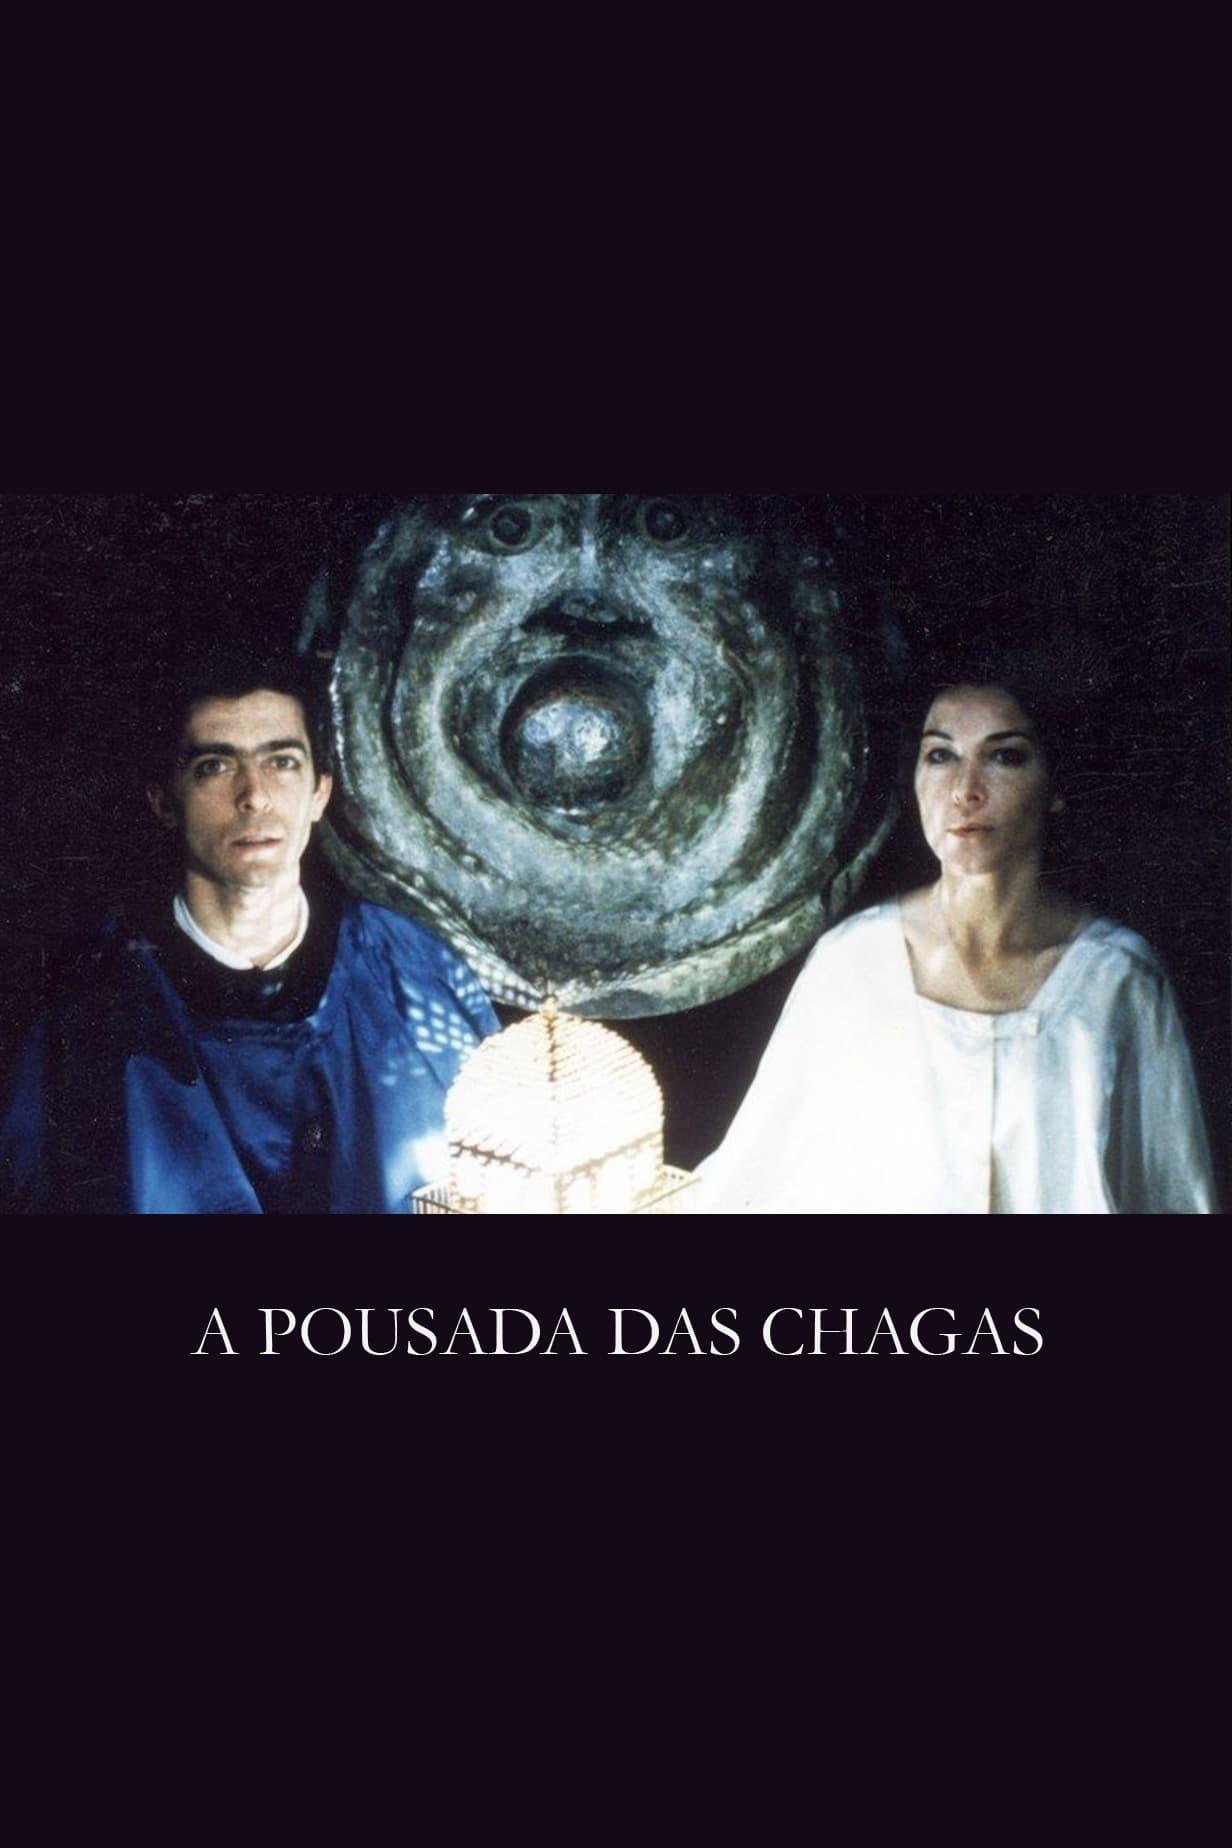 A Pousada das Chagas